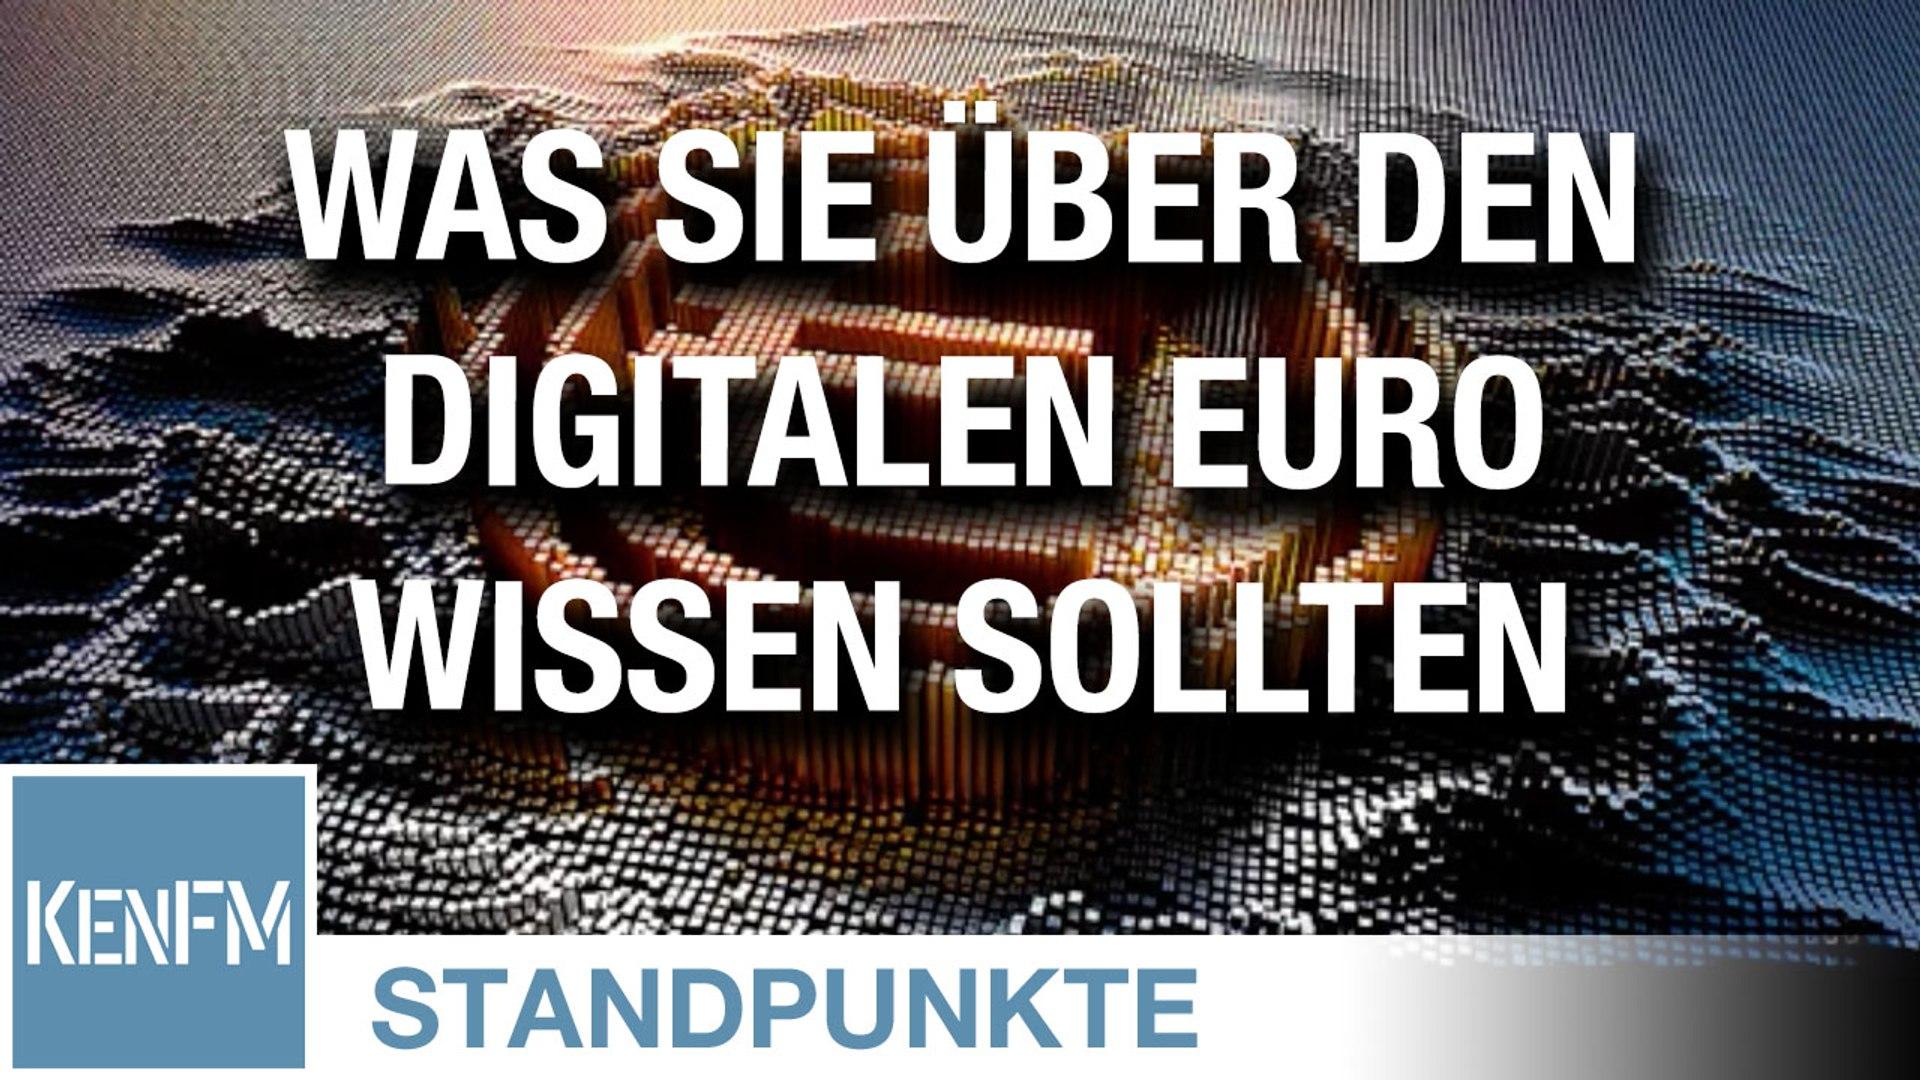 Was sie alles über den digitalen Euro wissen sollten, um sich davor zu fürchten   Von Norbert Häring